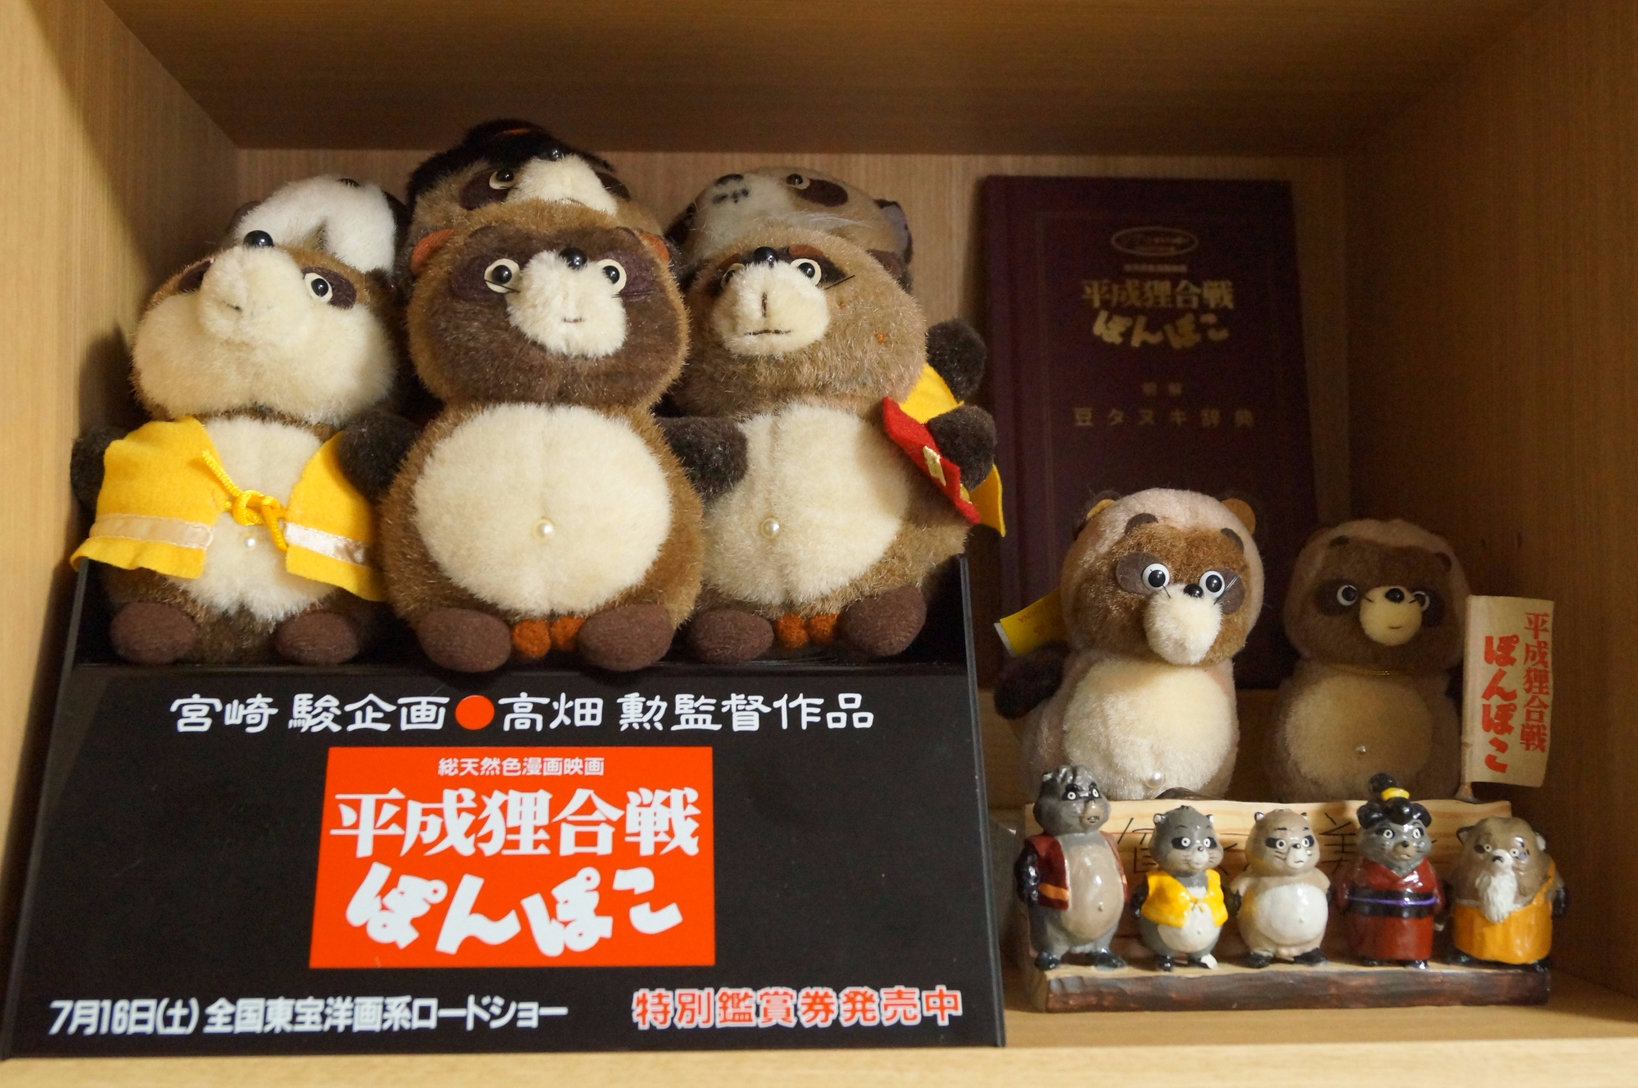 最近コレクションに加わった平成狸合戦ぽんぽこのぬいぐるみ。映画公開時に、劇場カウンターなどに置かれていた